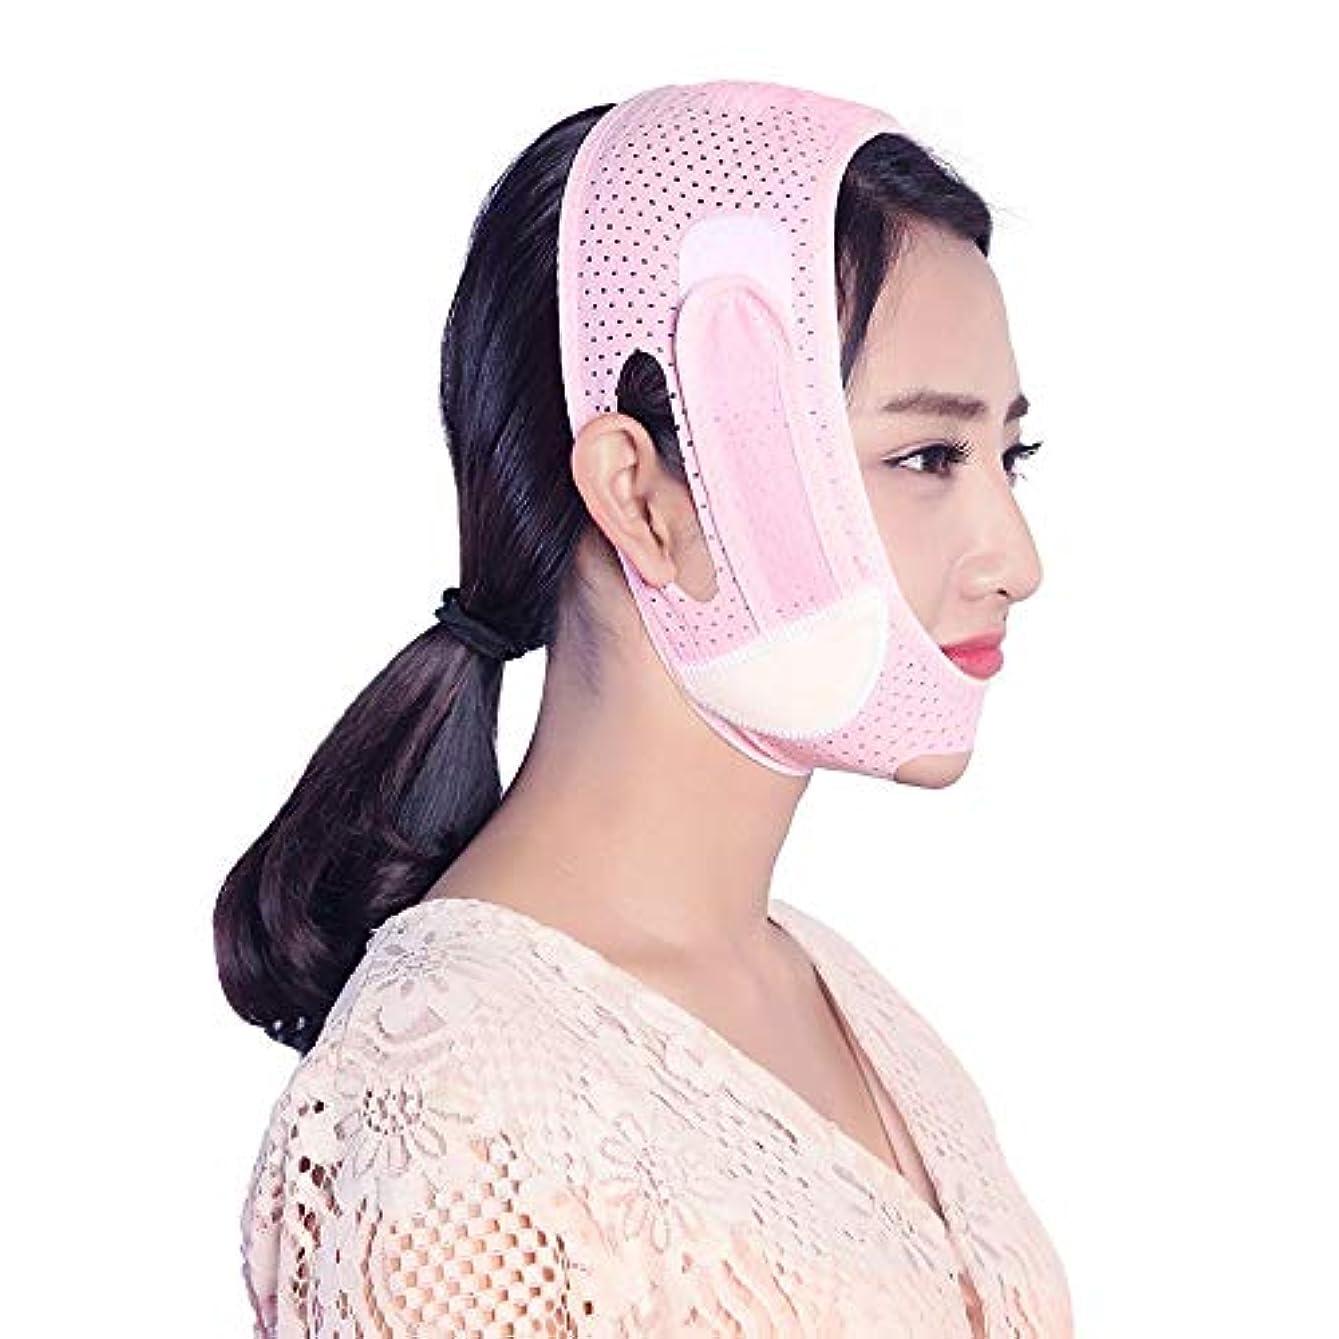 マラドロイト重要熟達した睡眠薄い顔パッチ包帯吊り上げプルv顔引き締めどころアーティファクト判決パターン二重あご薄いマッセルマスク - ピンク